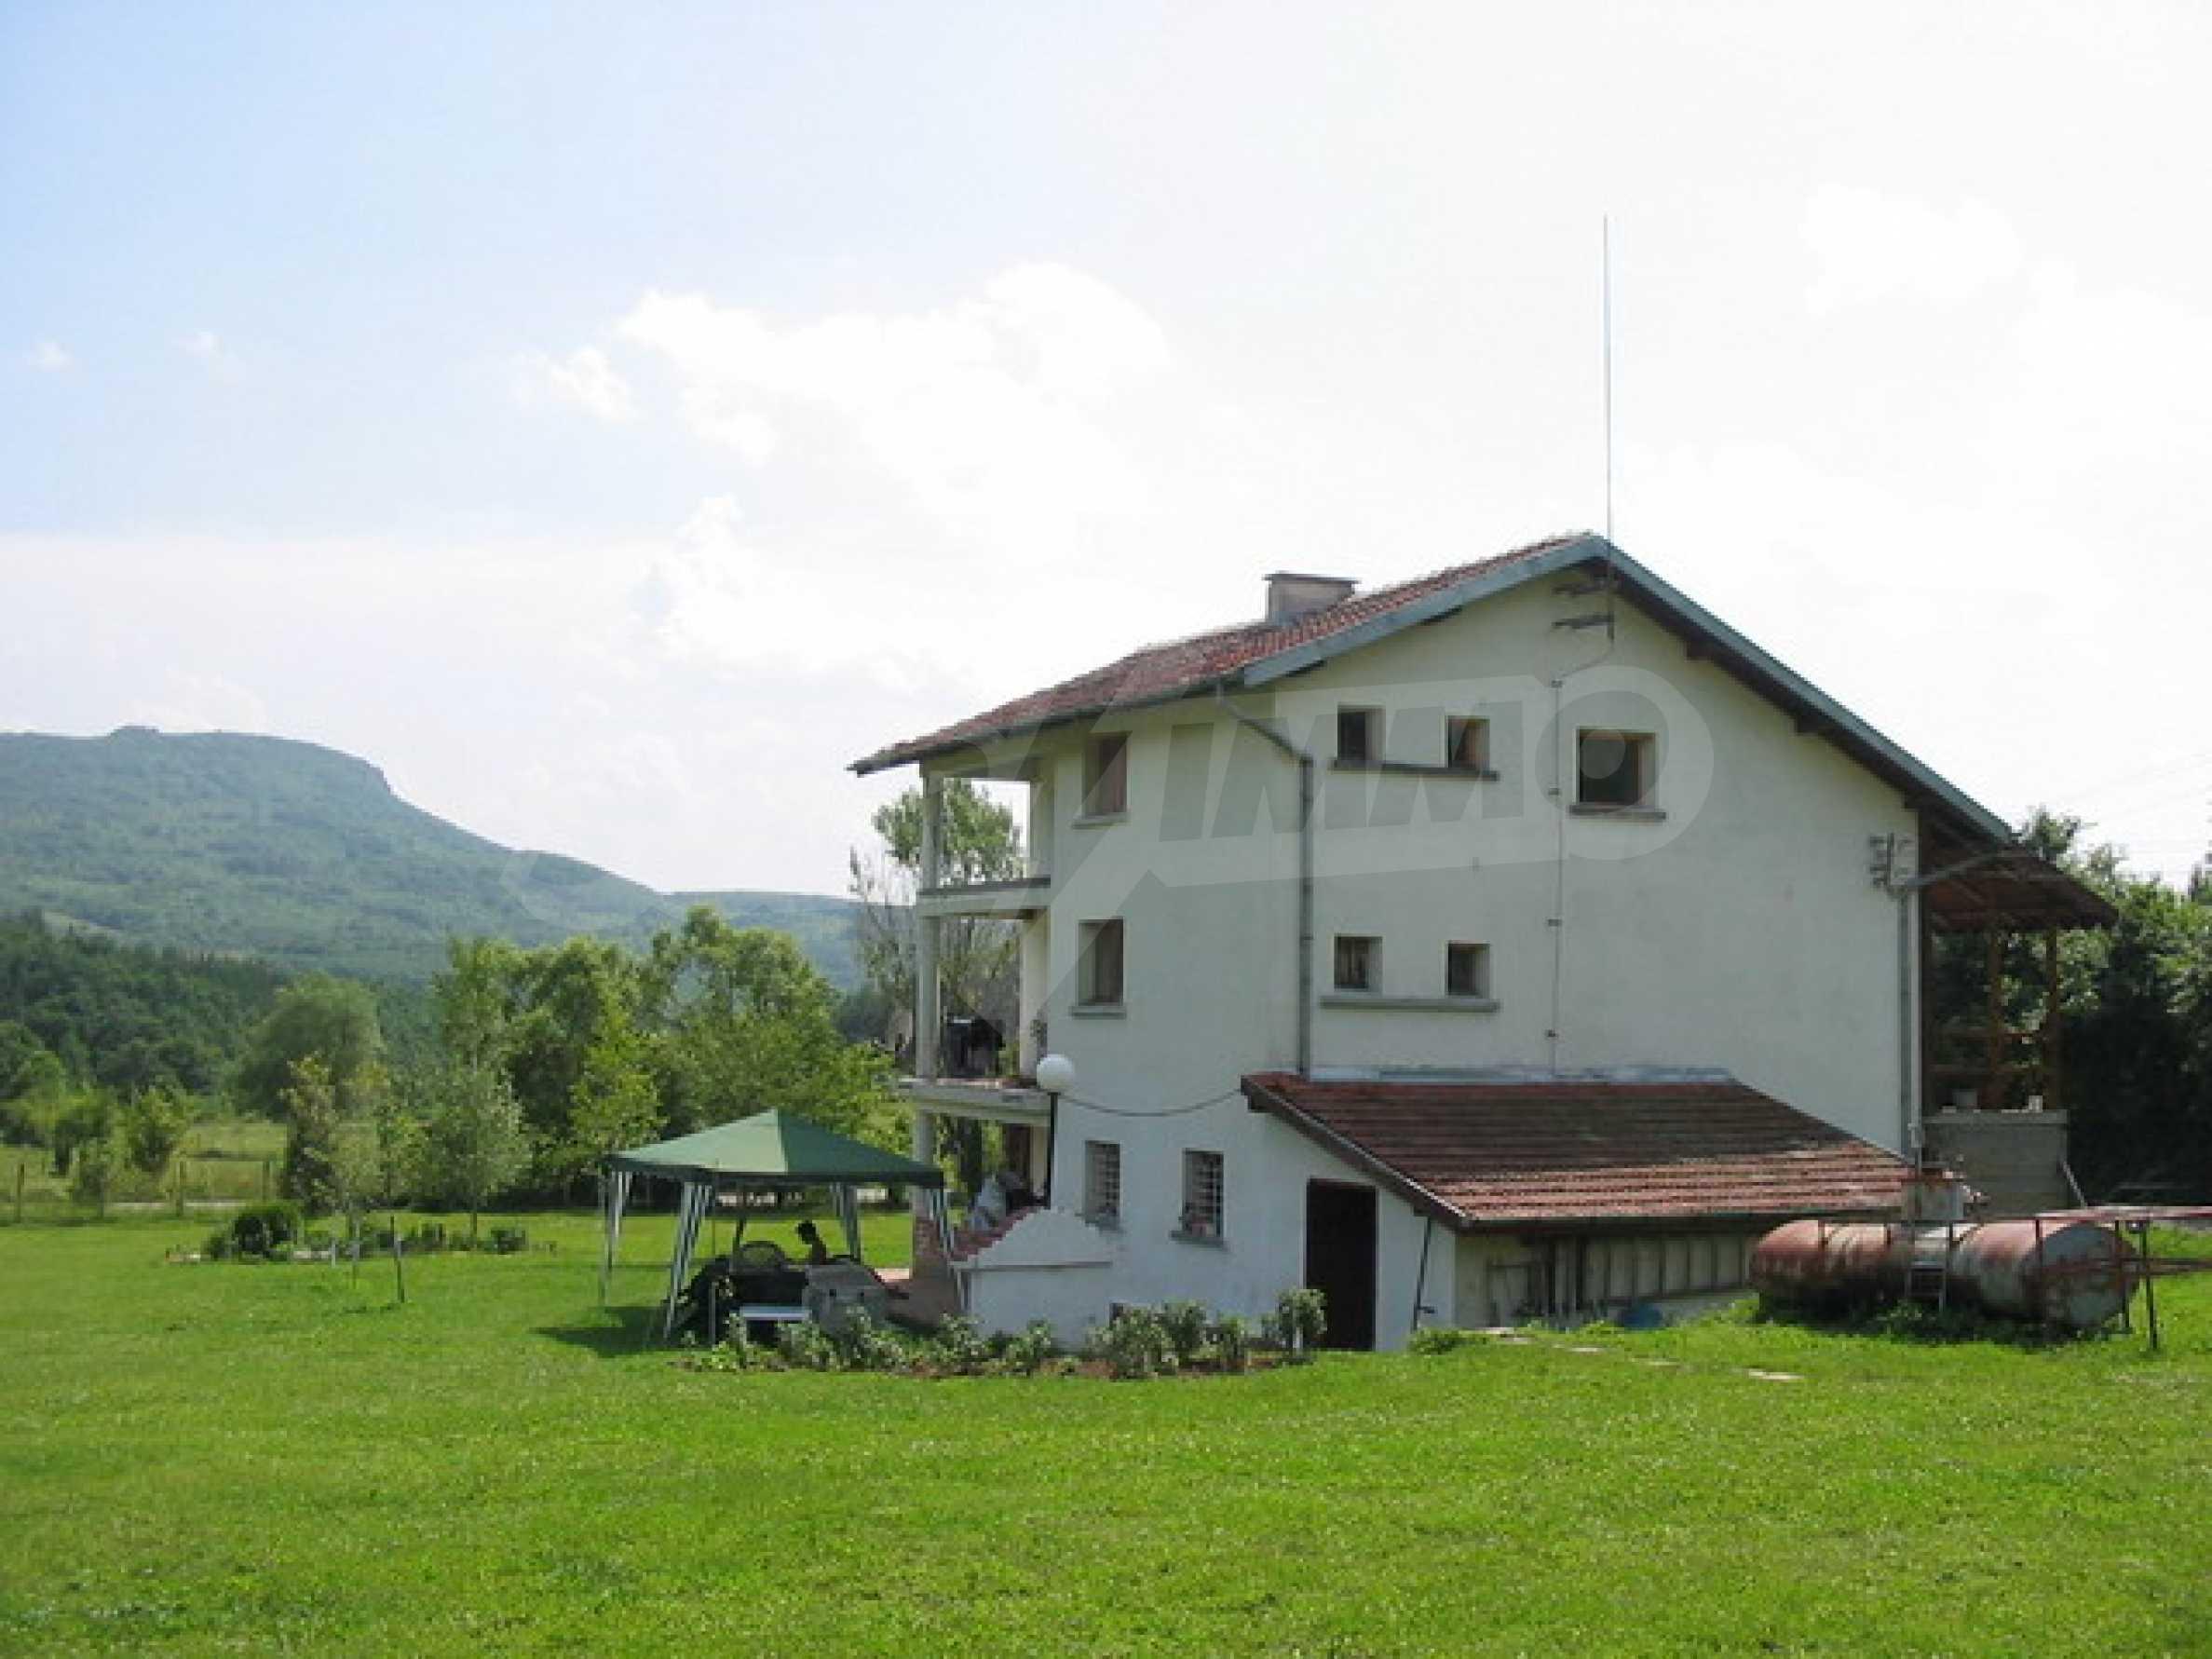 Neu gebautes dreistöckiges Haus in der Nähe von Sevliewo